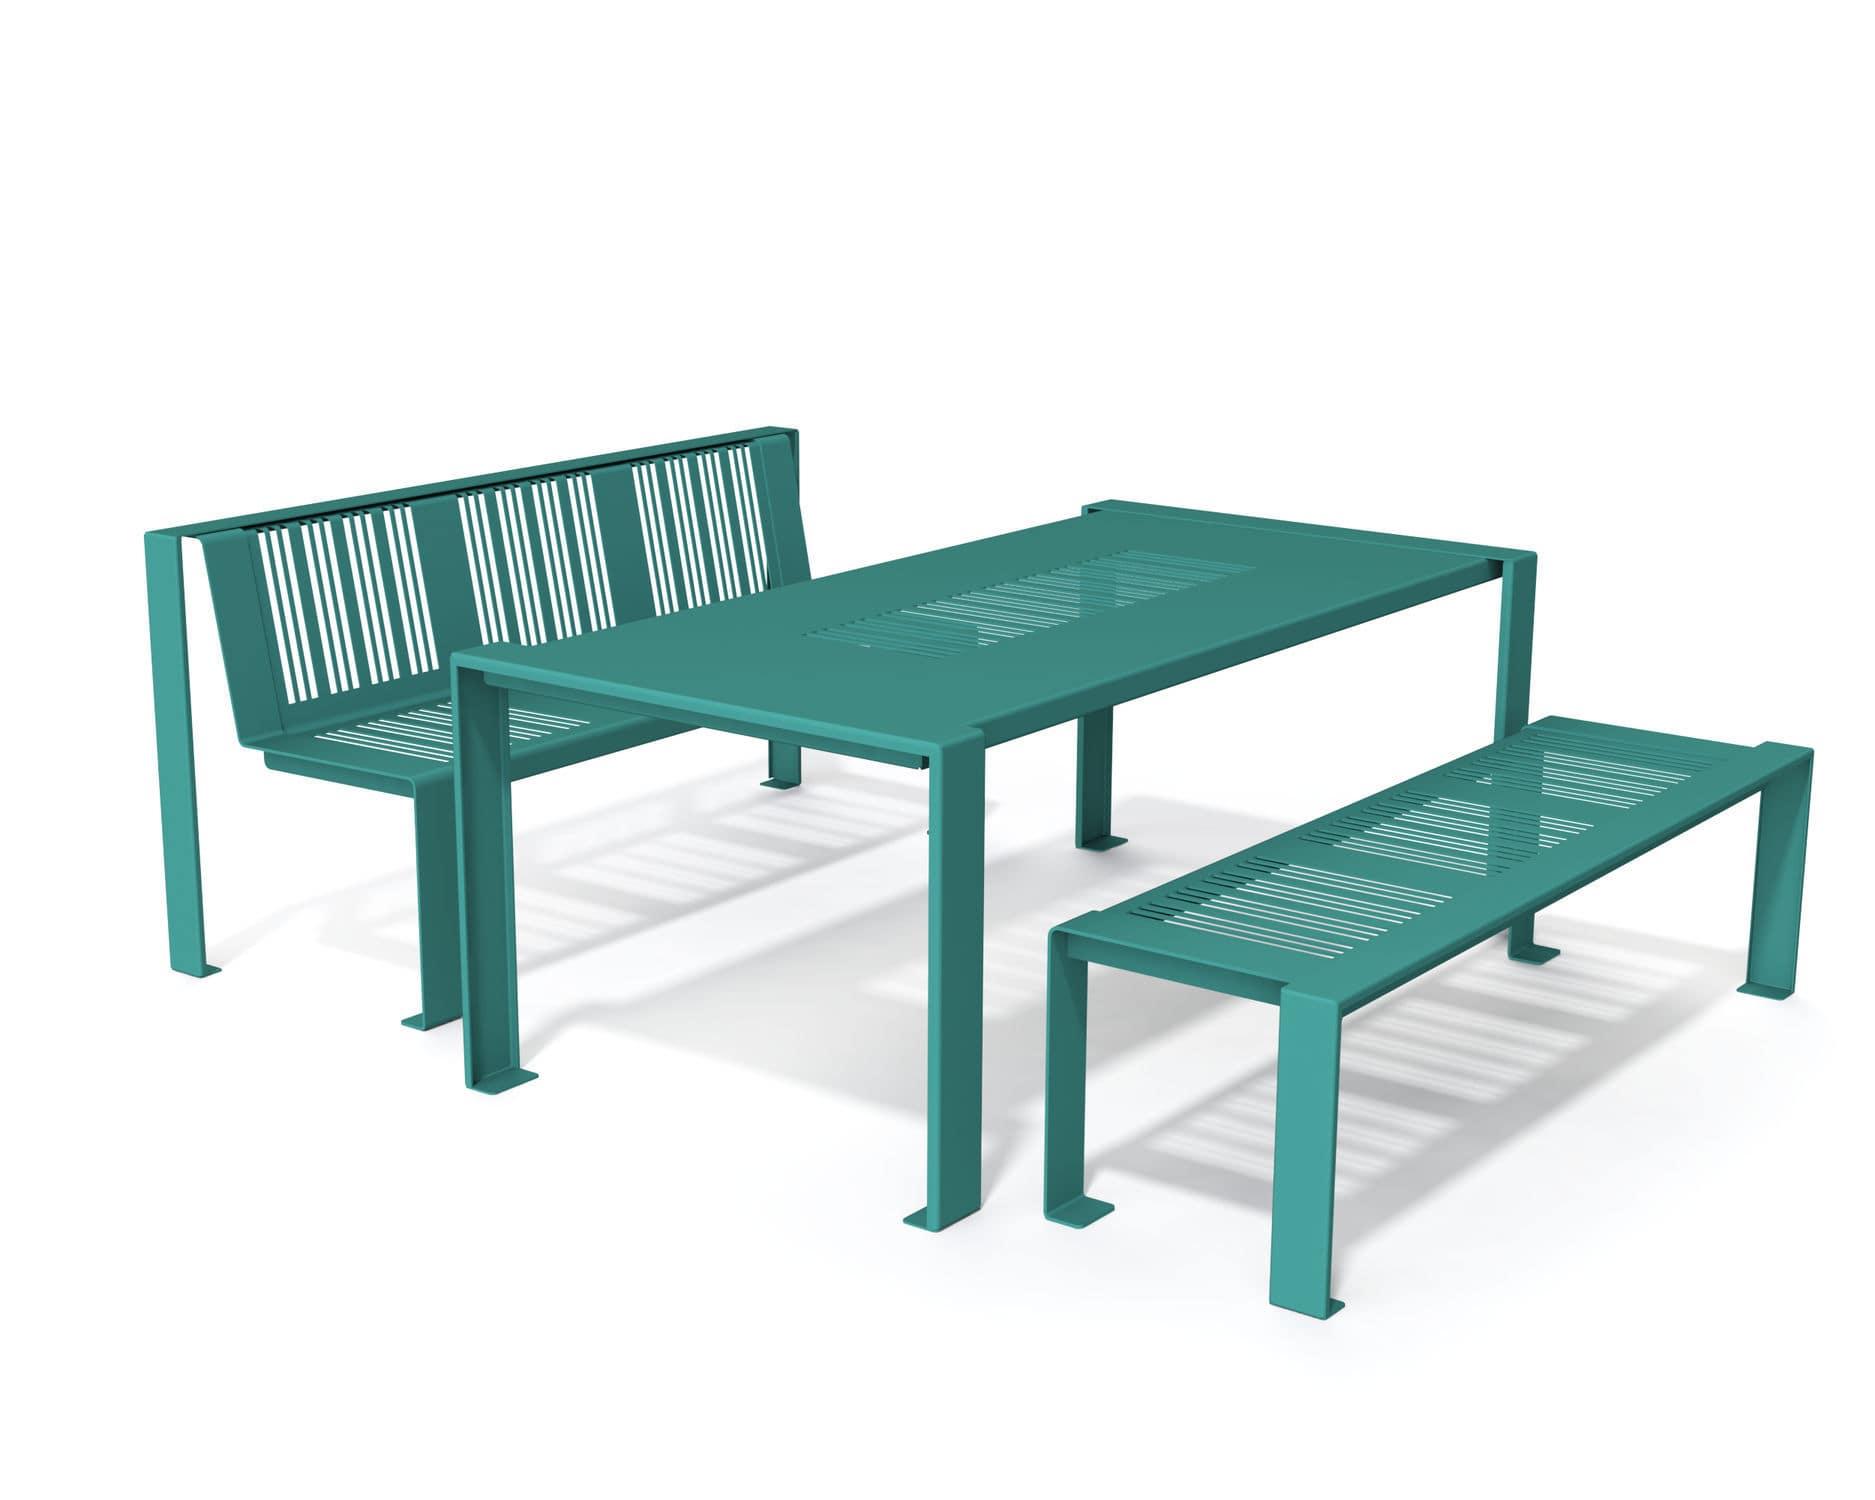 Tavoli E Panche Per Esterno.Set Tavolo E Panca Moderno In Metallo Per Esterni Per Spazio